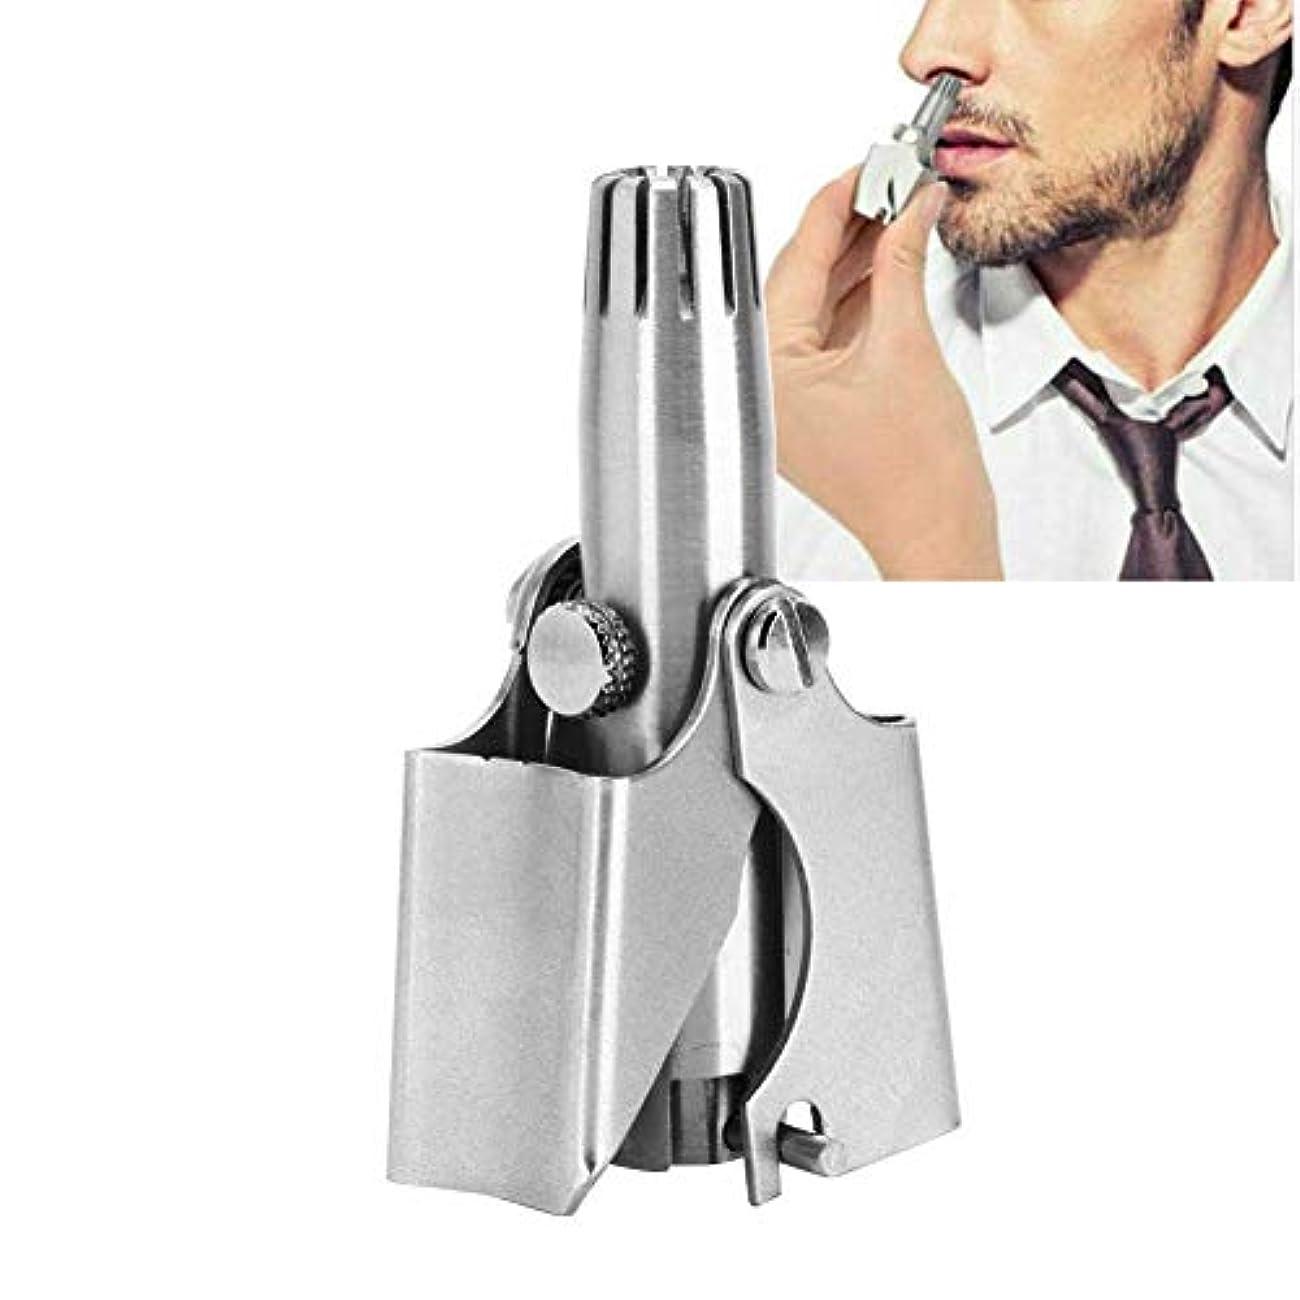 ヘルシー同盟フィルタ携帯用ステンレス鋼の耳の鼻の毛のトリマー(つや消しシルバー)